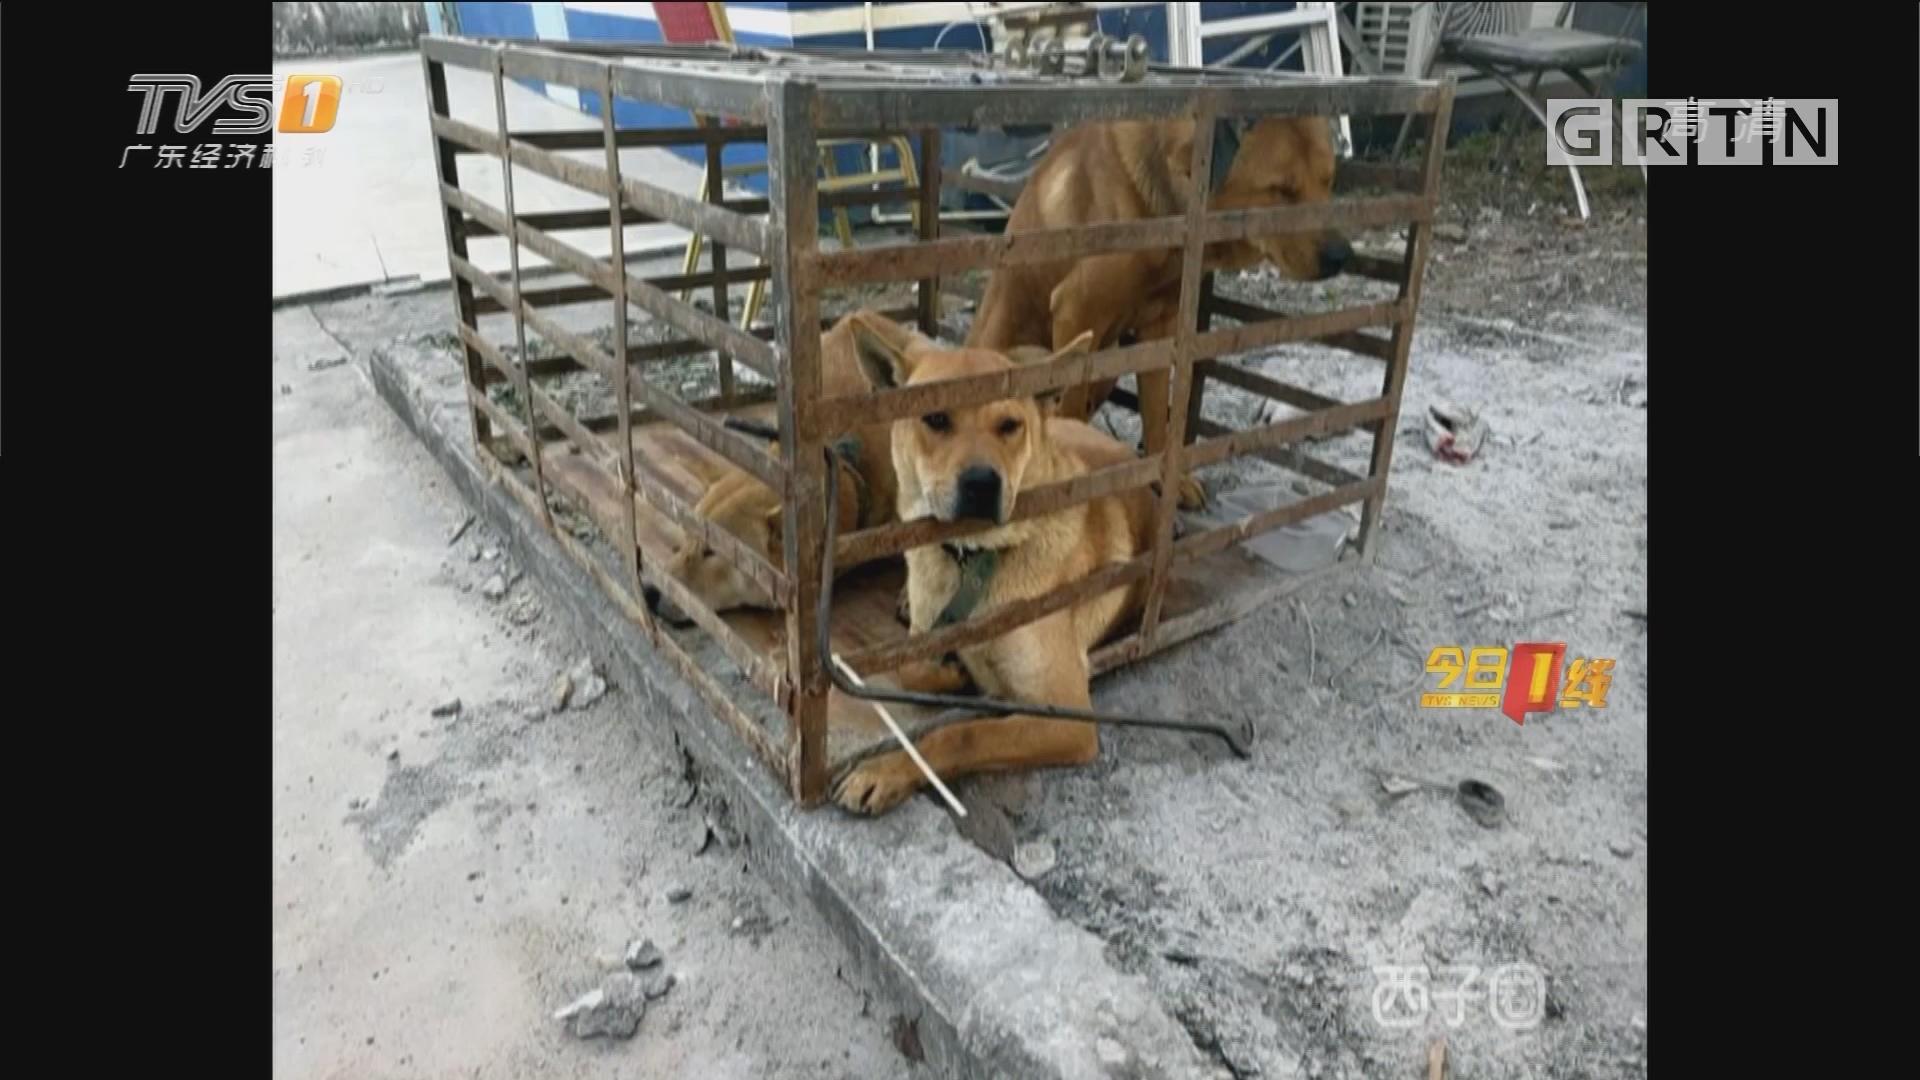 惠州:狗只频频被盗 警方立案调查